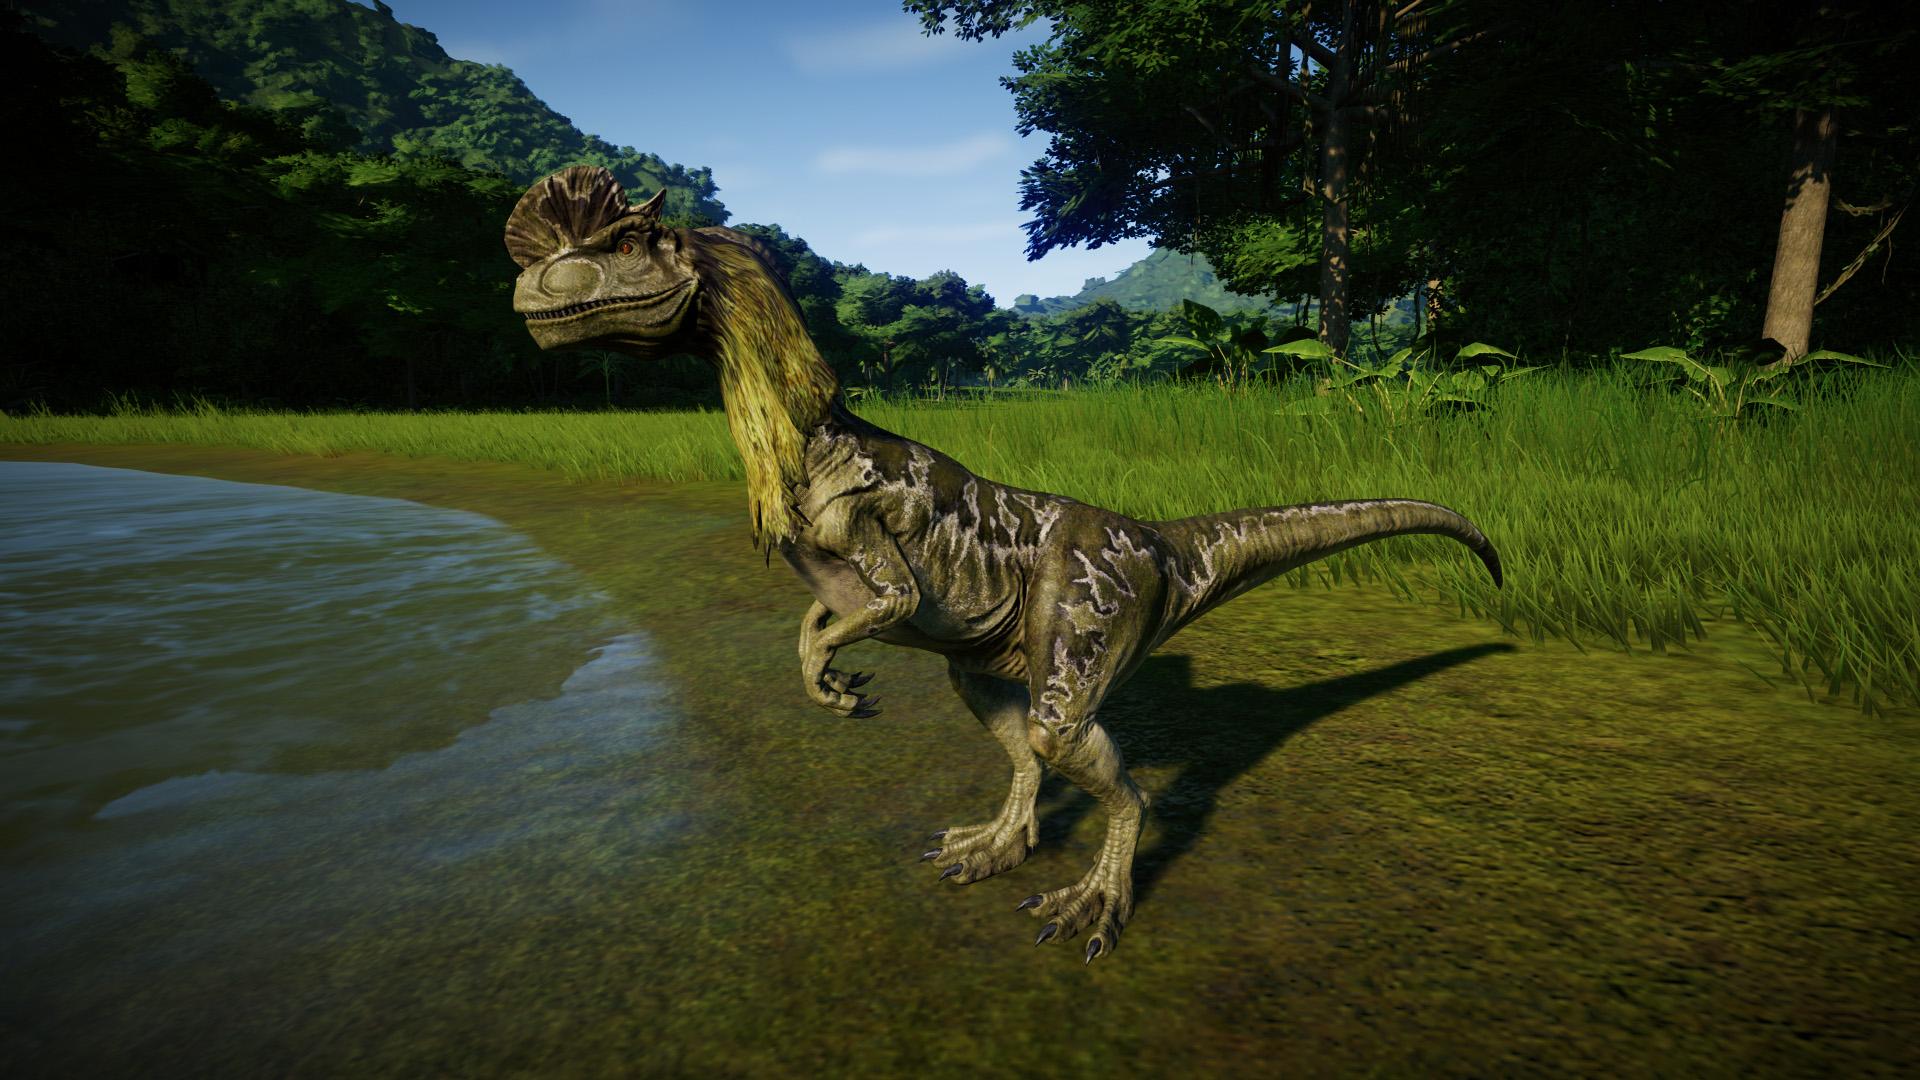 дилофозавр картинки в юрском периоде самых